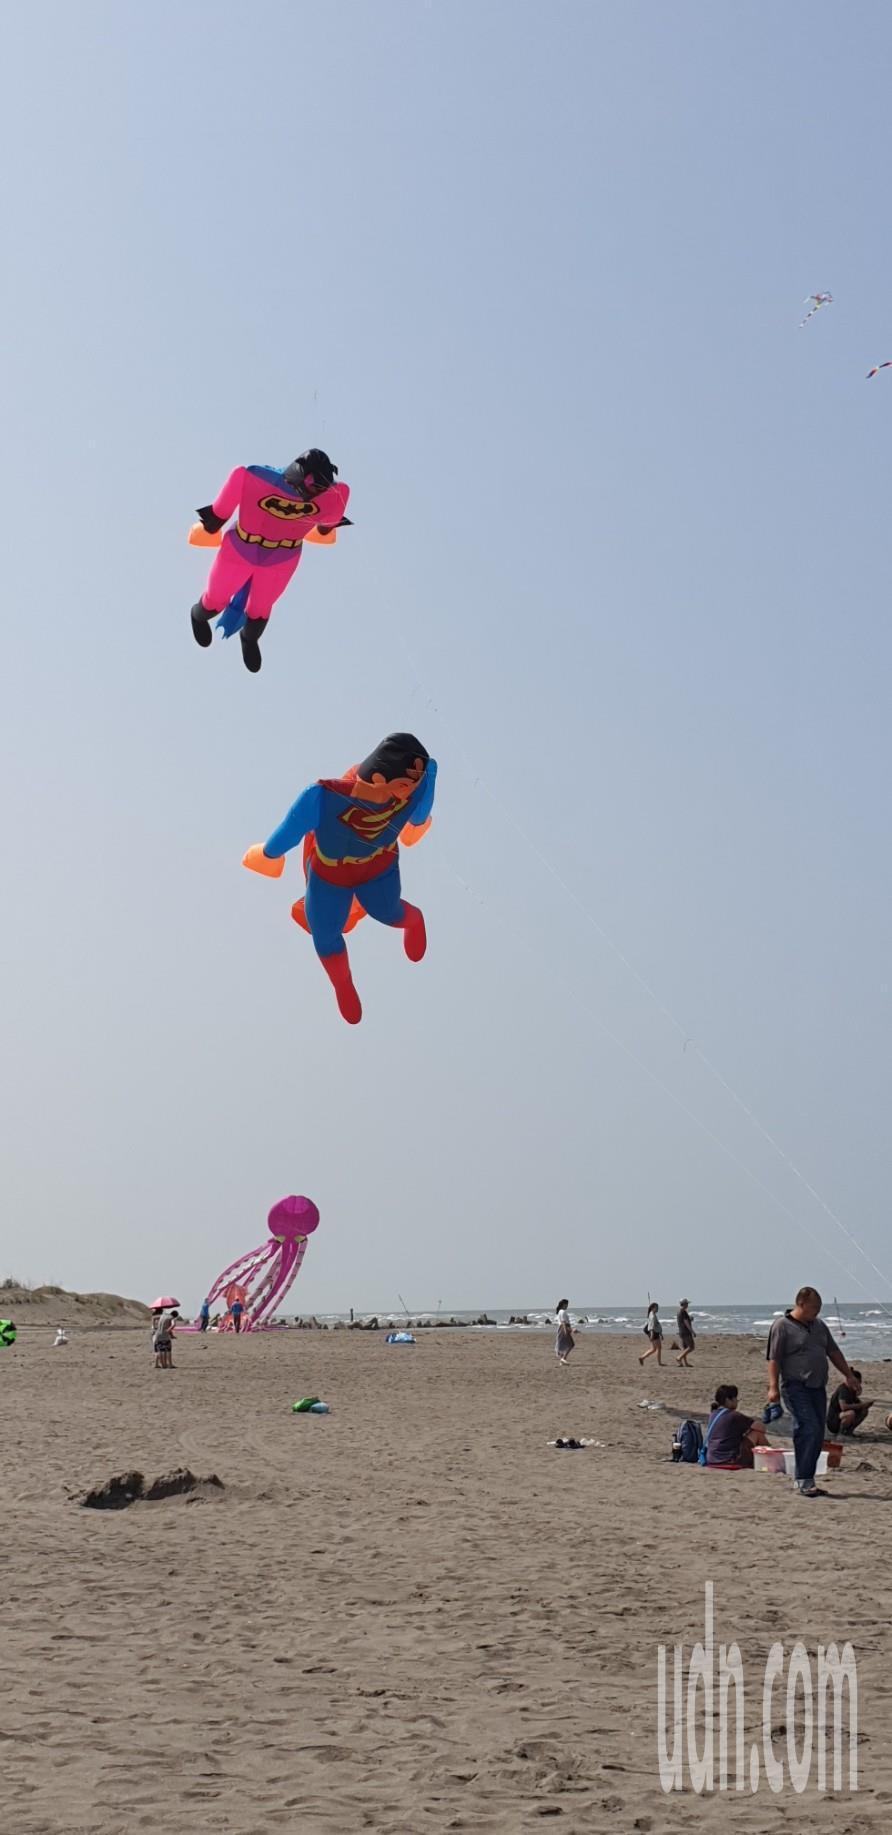 台中市政府舉辦的第7屆大安海風箏衝浪節今天舉辦,海灘有超級英雄和各式大型風箏。記...